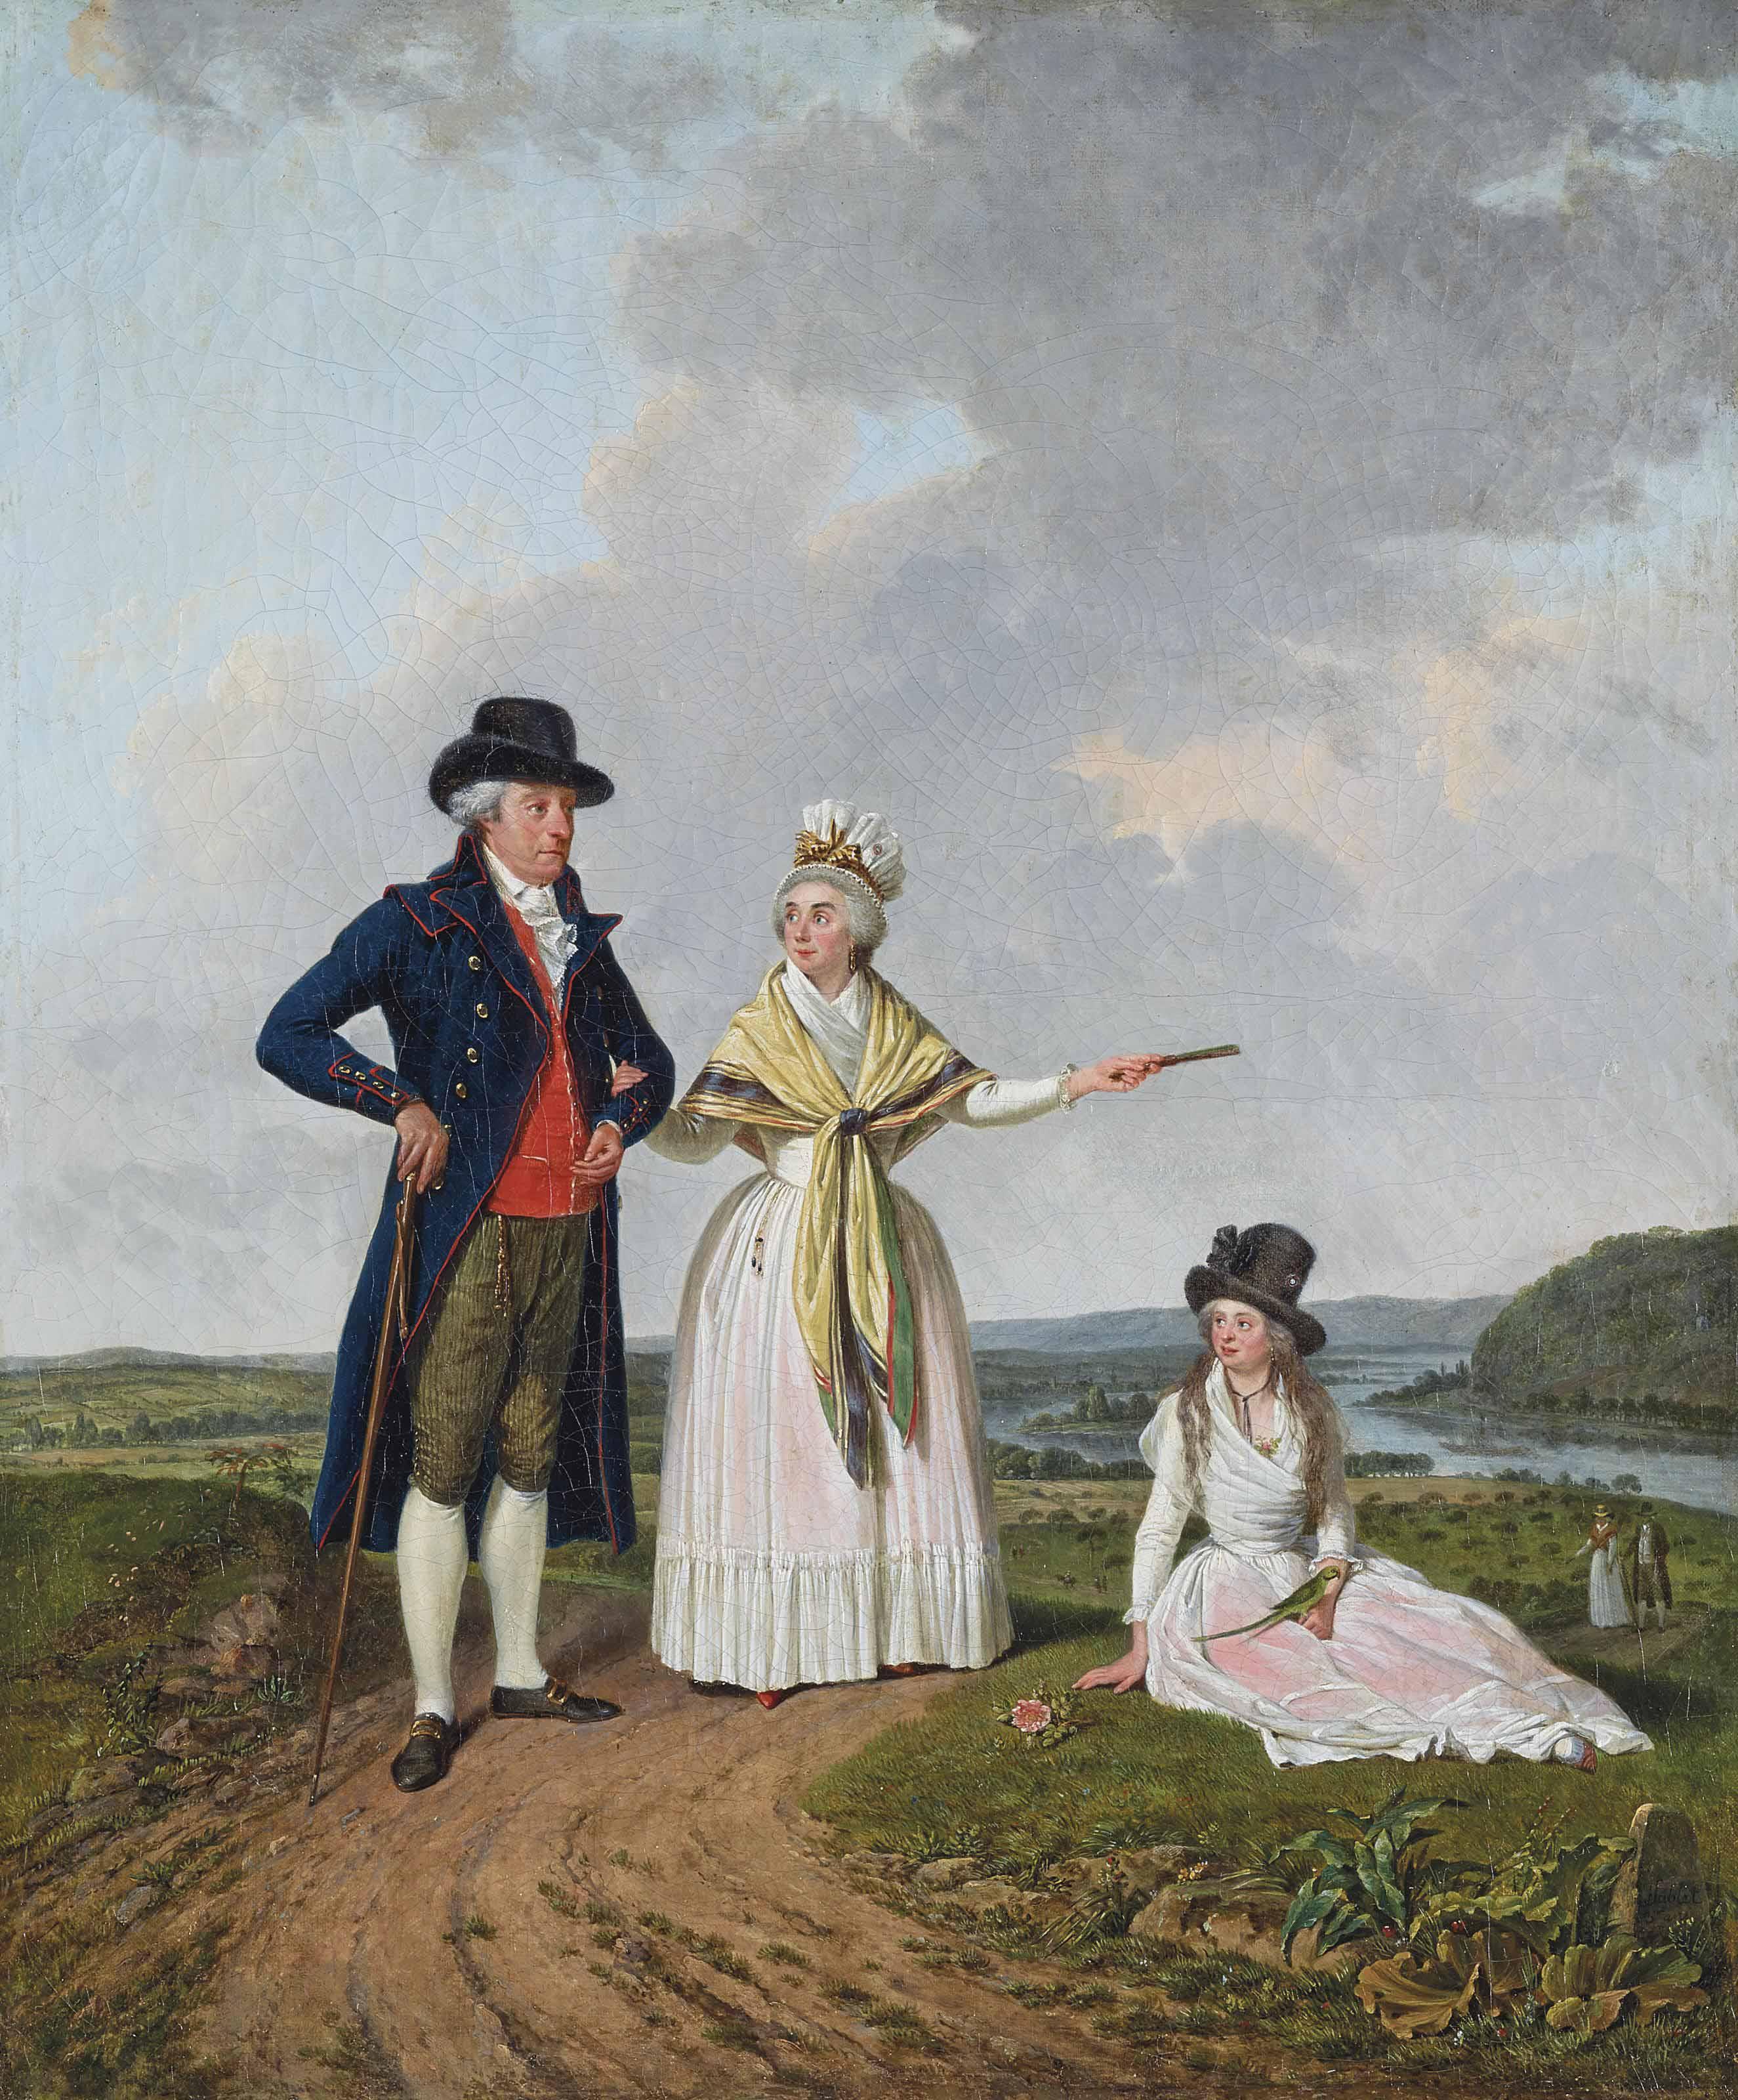 JACQUES SABLET (1749-1803)